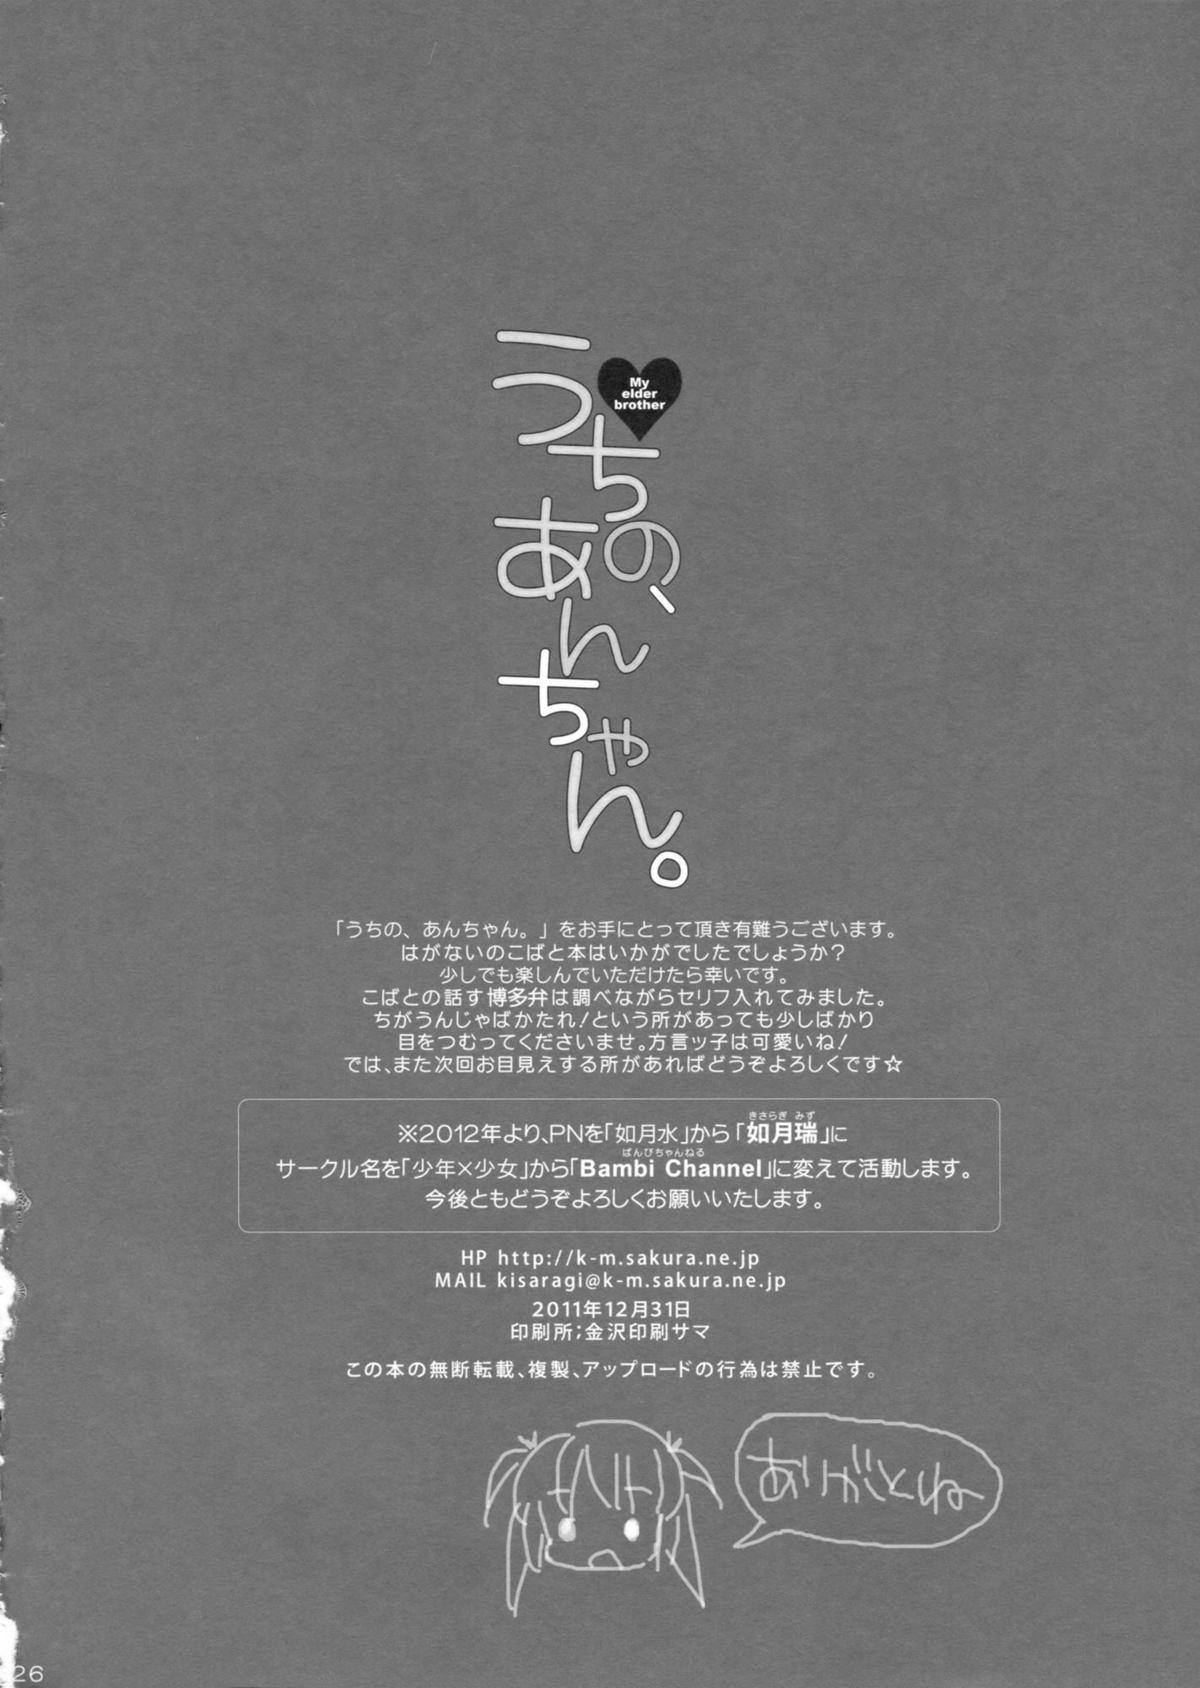 Uchi no, Anchan. 24